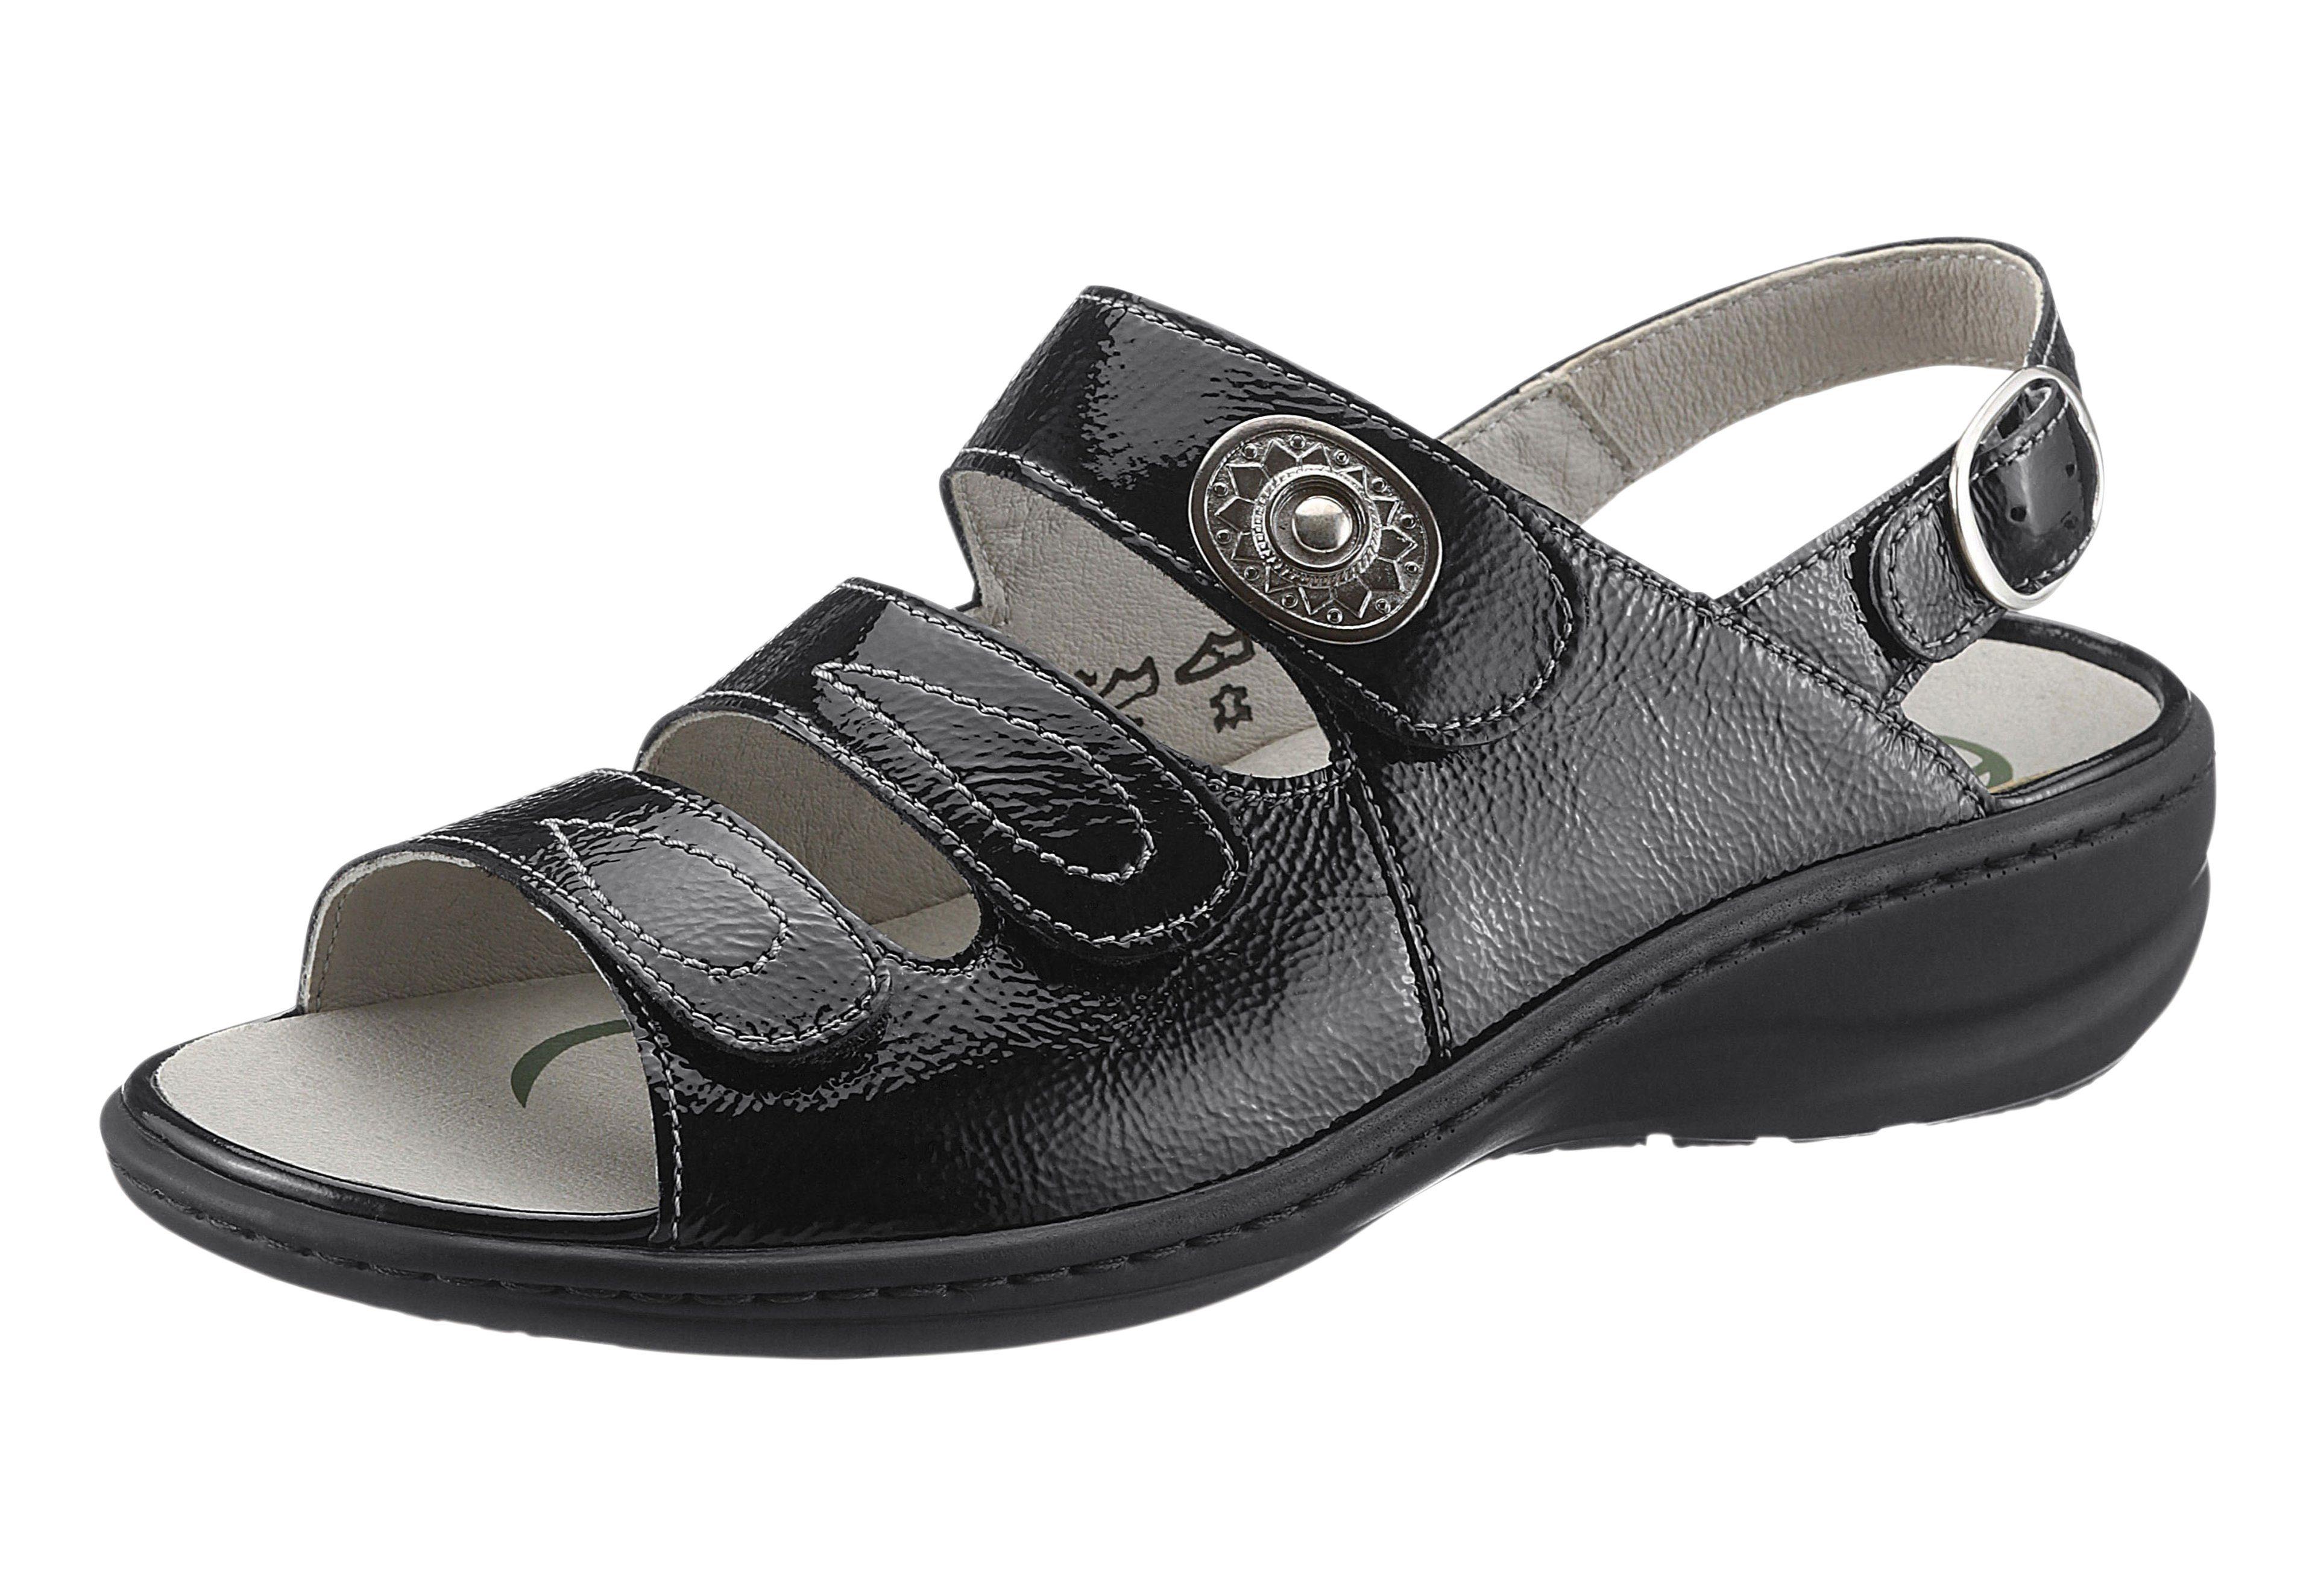 Waldläufer Sandale mit Wechselfußbett kaufen  schwarz